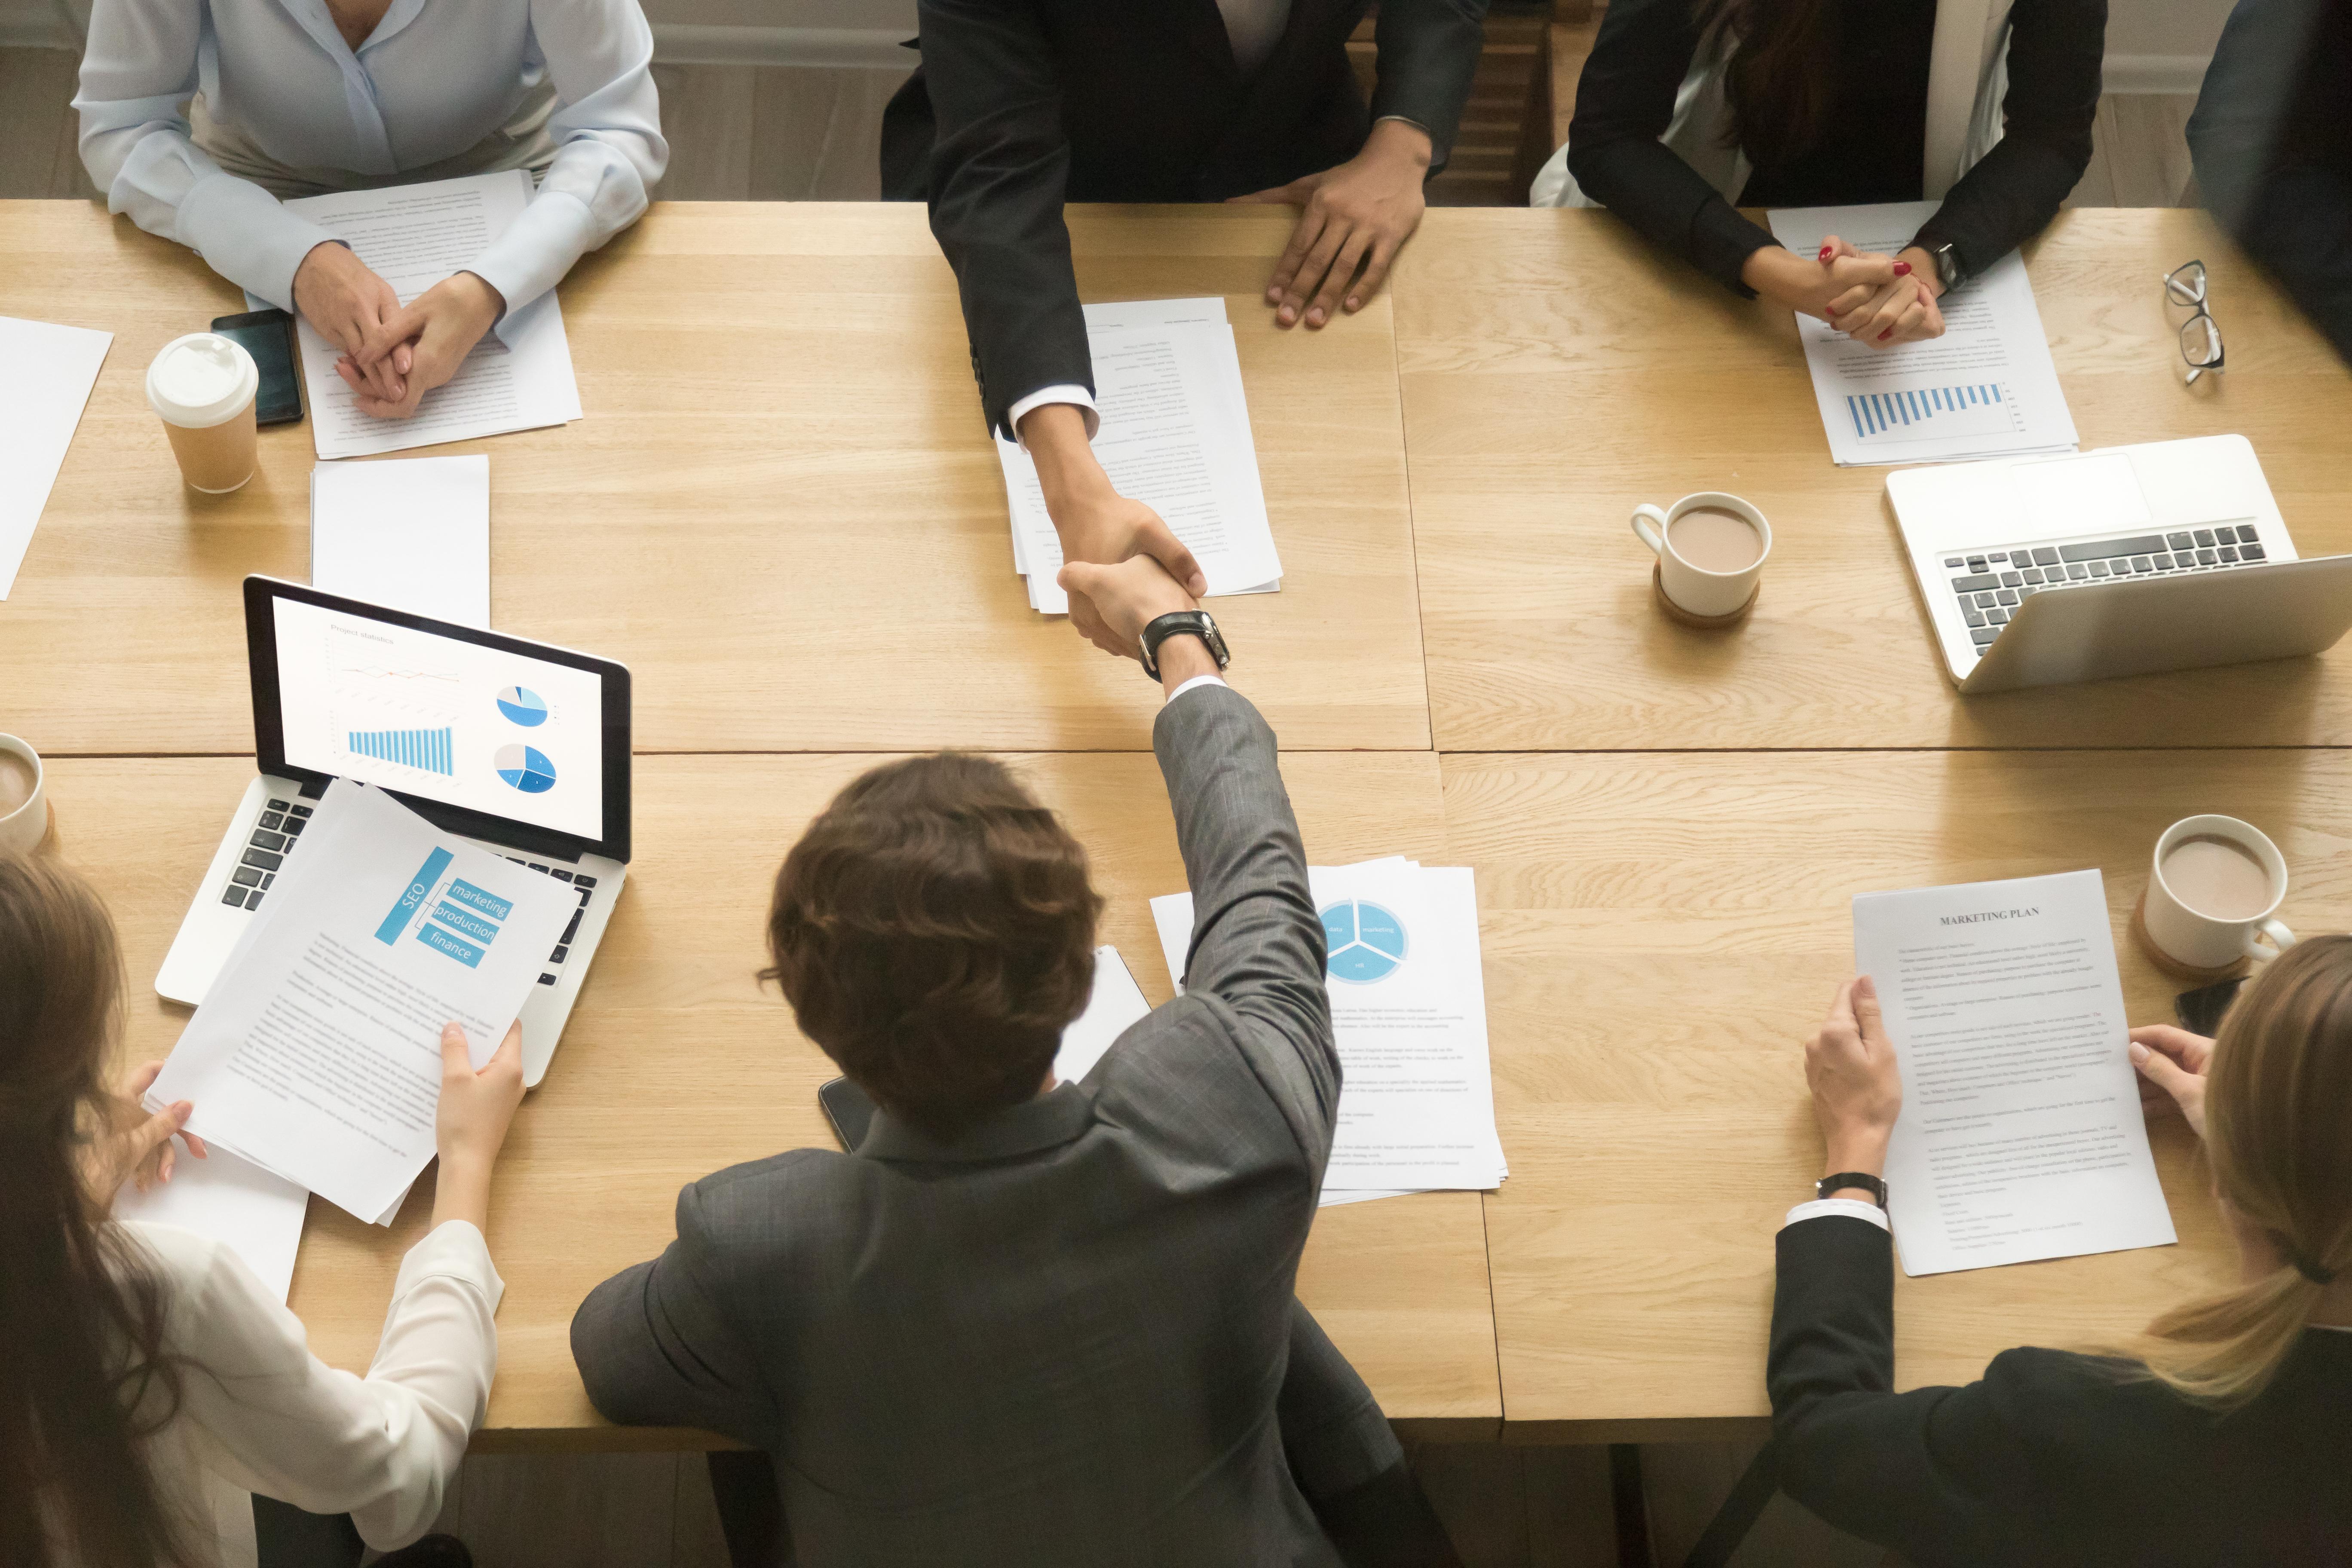 【よくわかるビジネスデューデリジェンス実務】全体像の理解と検証論点の抽出